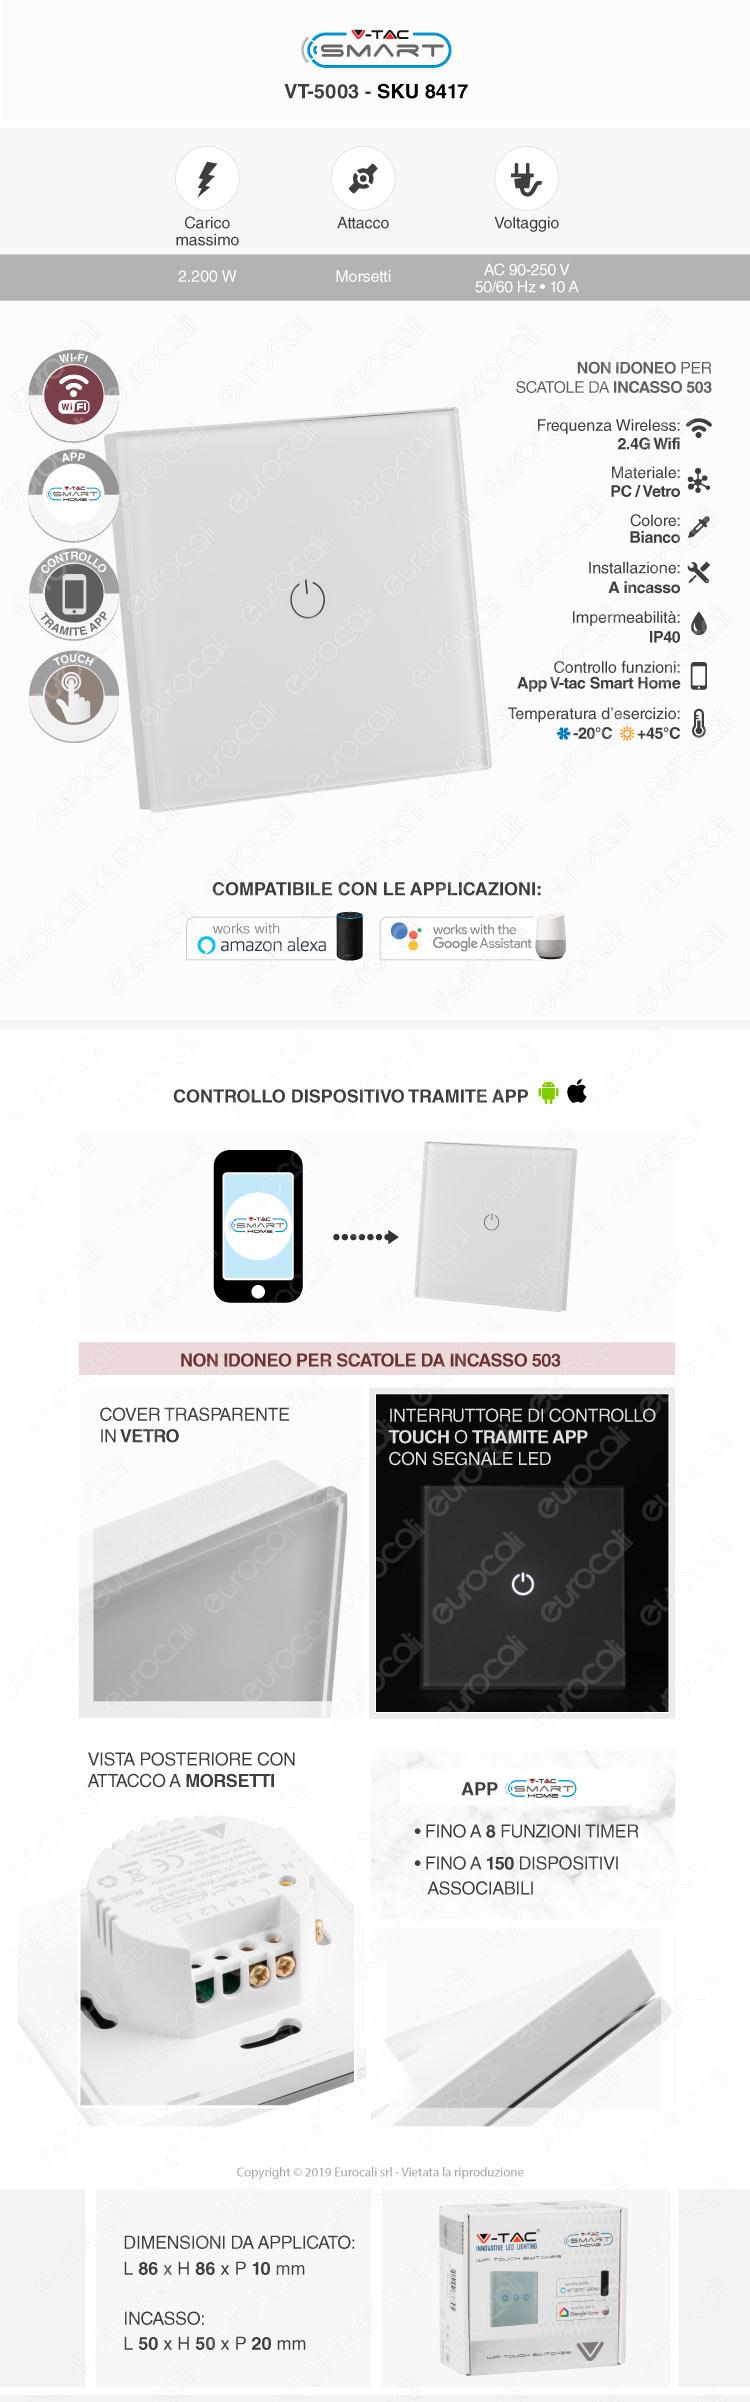 Interruttore Touch Wi-Fi Colore Bianco con 1 Tasto V-Tac Smart VT-5003